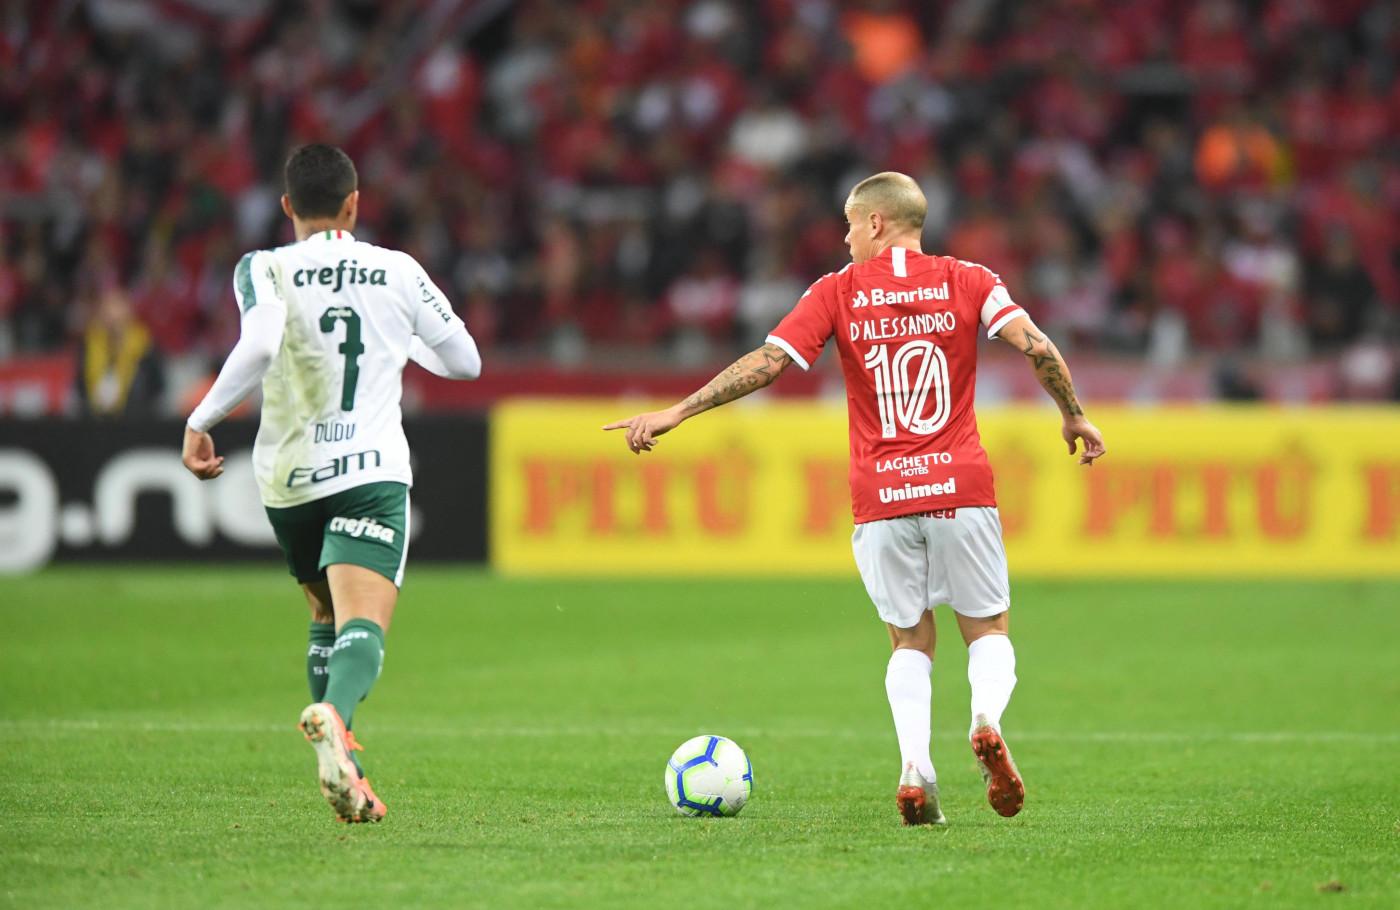 Verdão cai nos pênaltis para o Inter e está eliminado da Copa do Brasil - Palmeiras